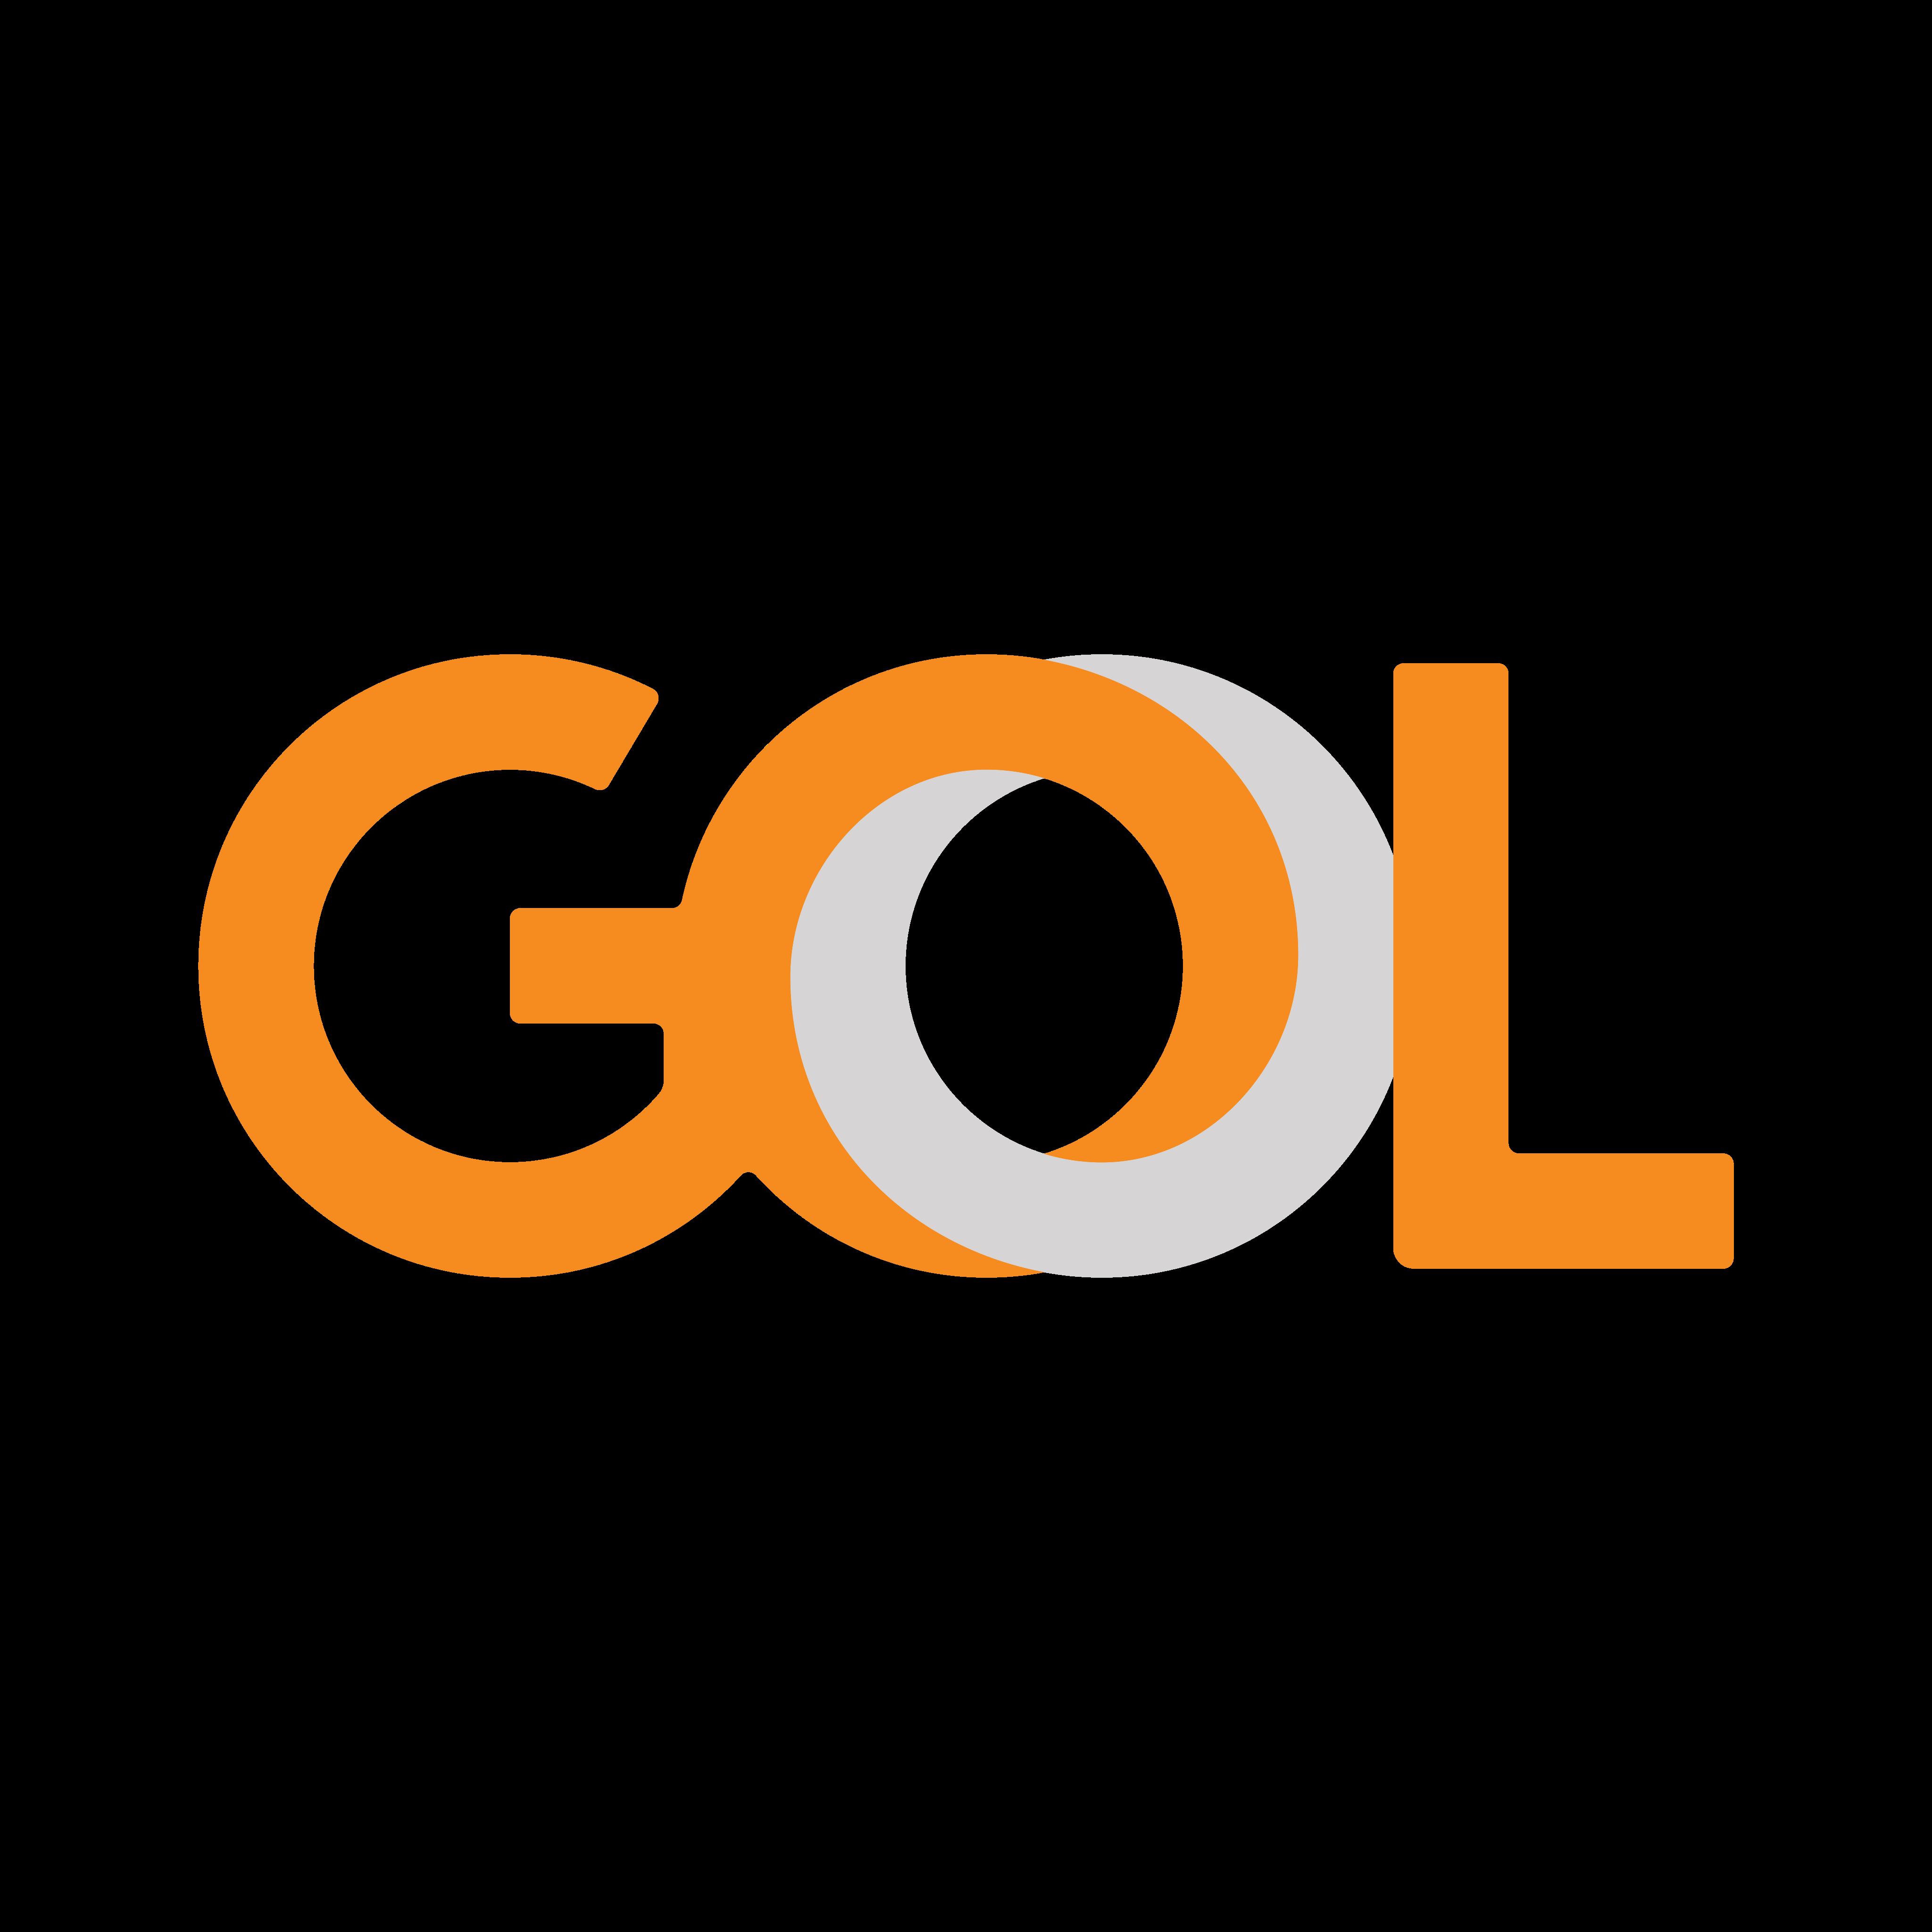 Gol logo PNG.